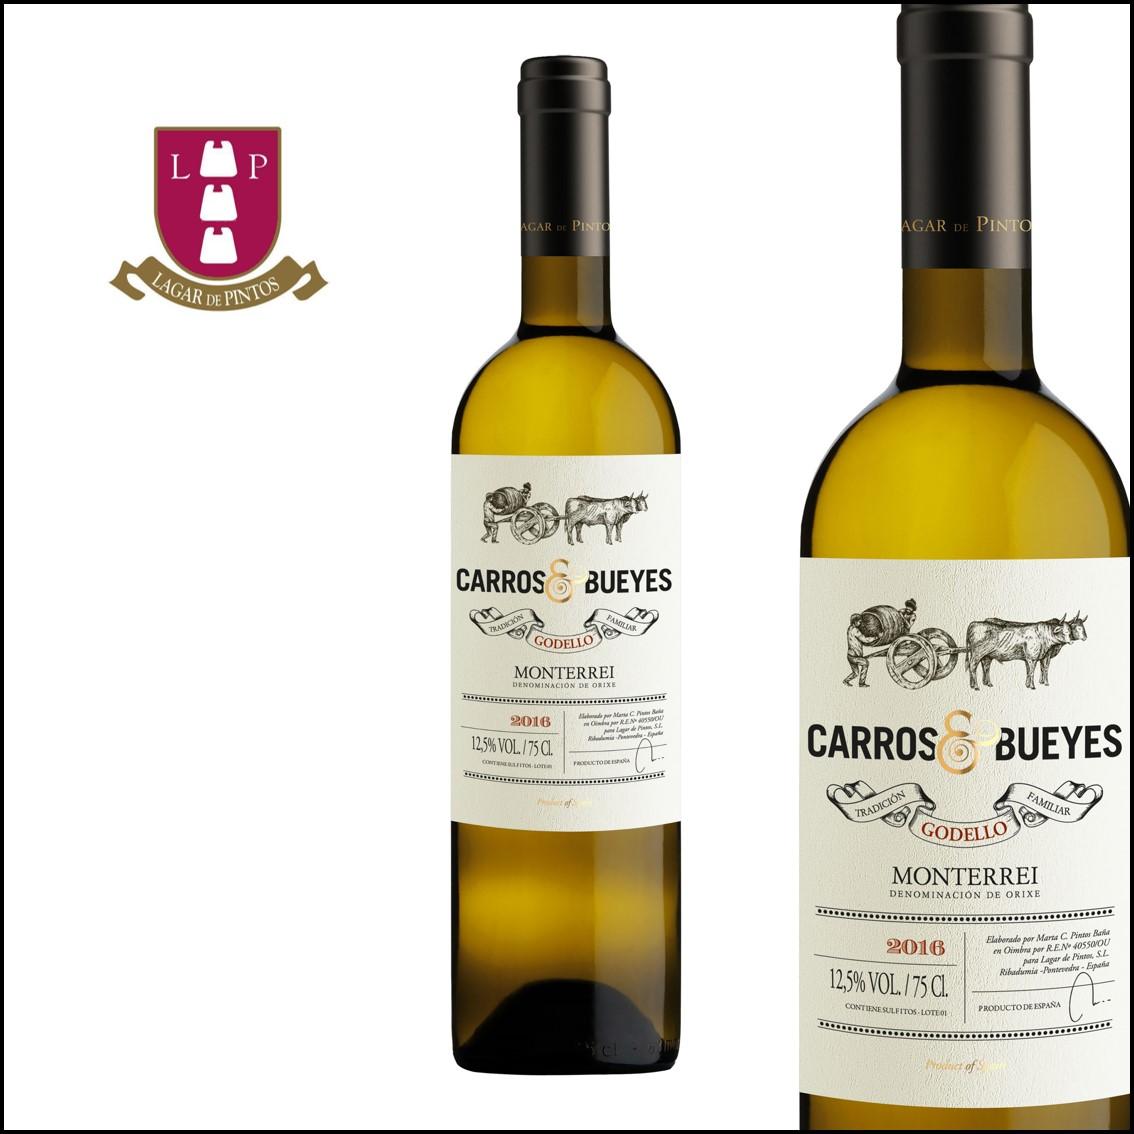 Lagar de Pintos «Carros & Bueyes» Godello D.O. Monterrei